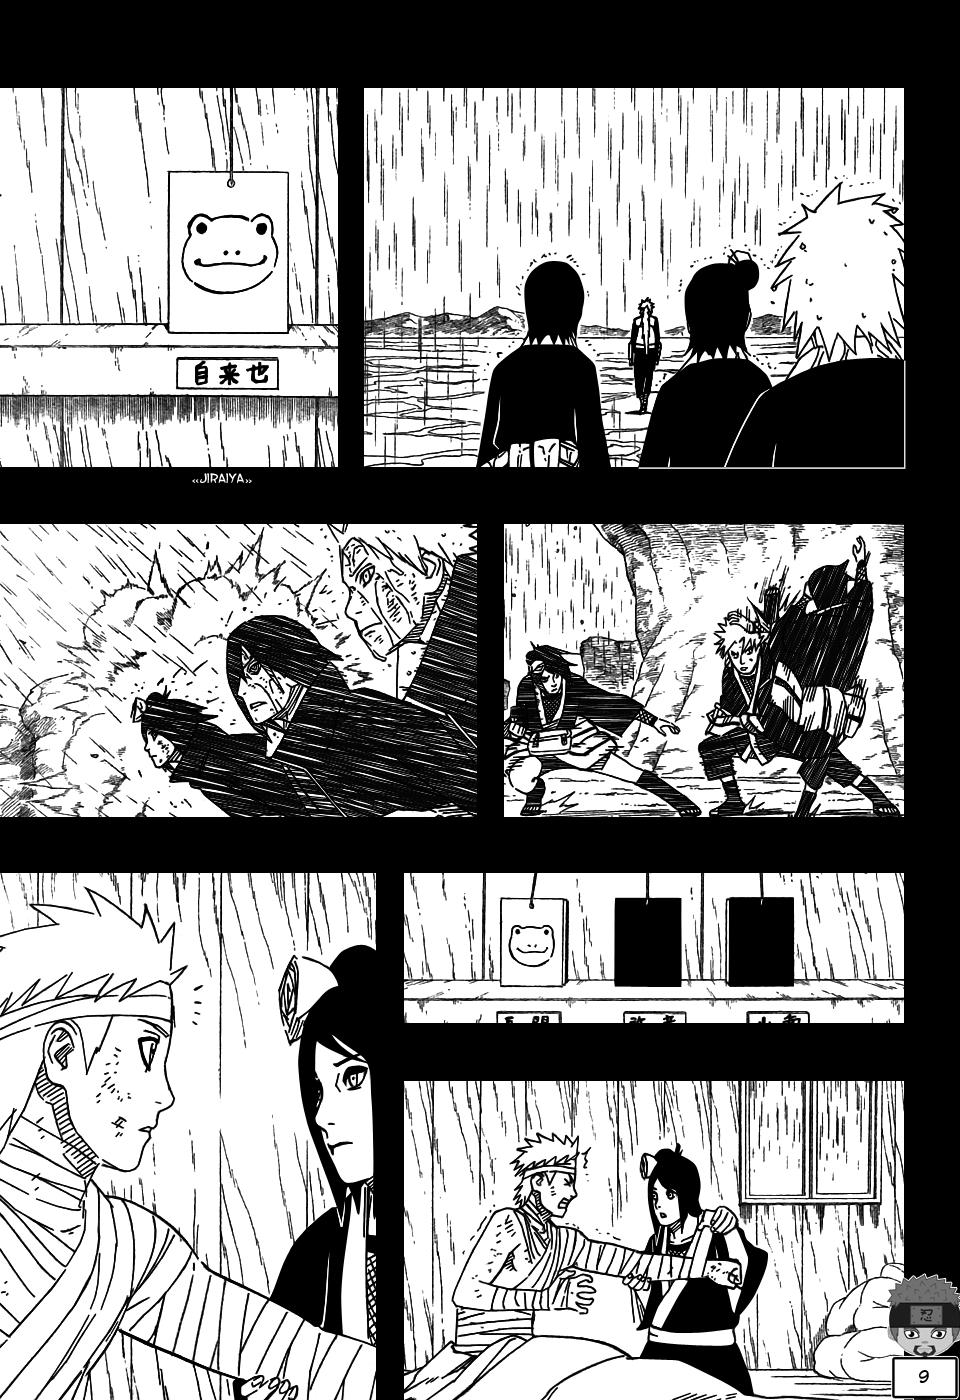 Naruto chapitre 511 - Page 9